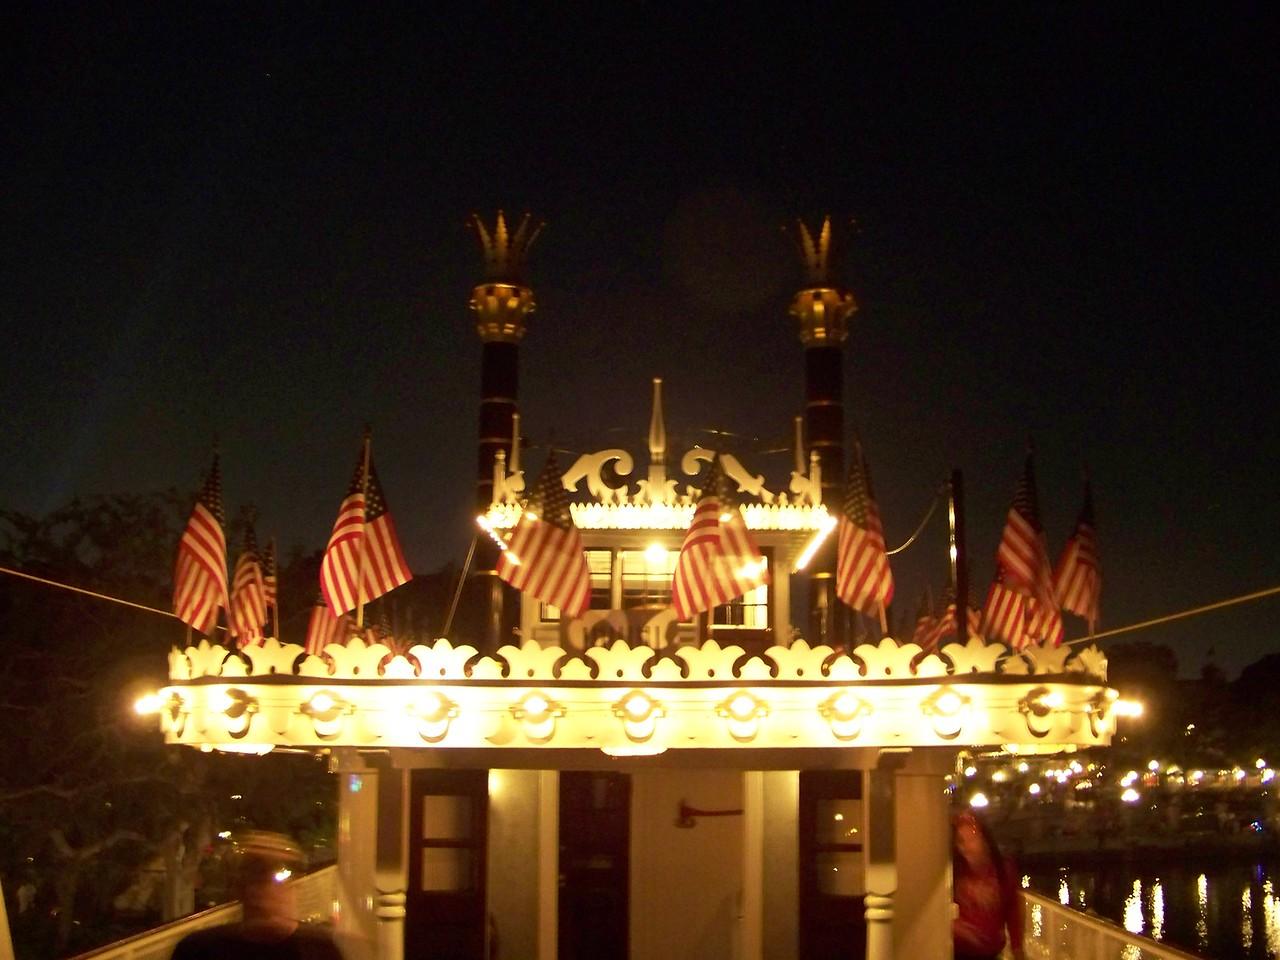 Disneyland - Mark Twain Riverboat